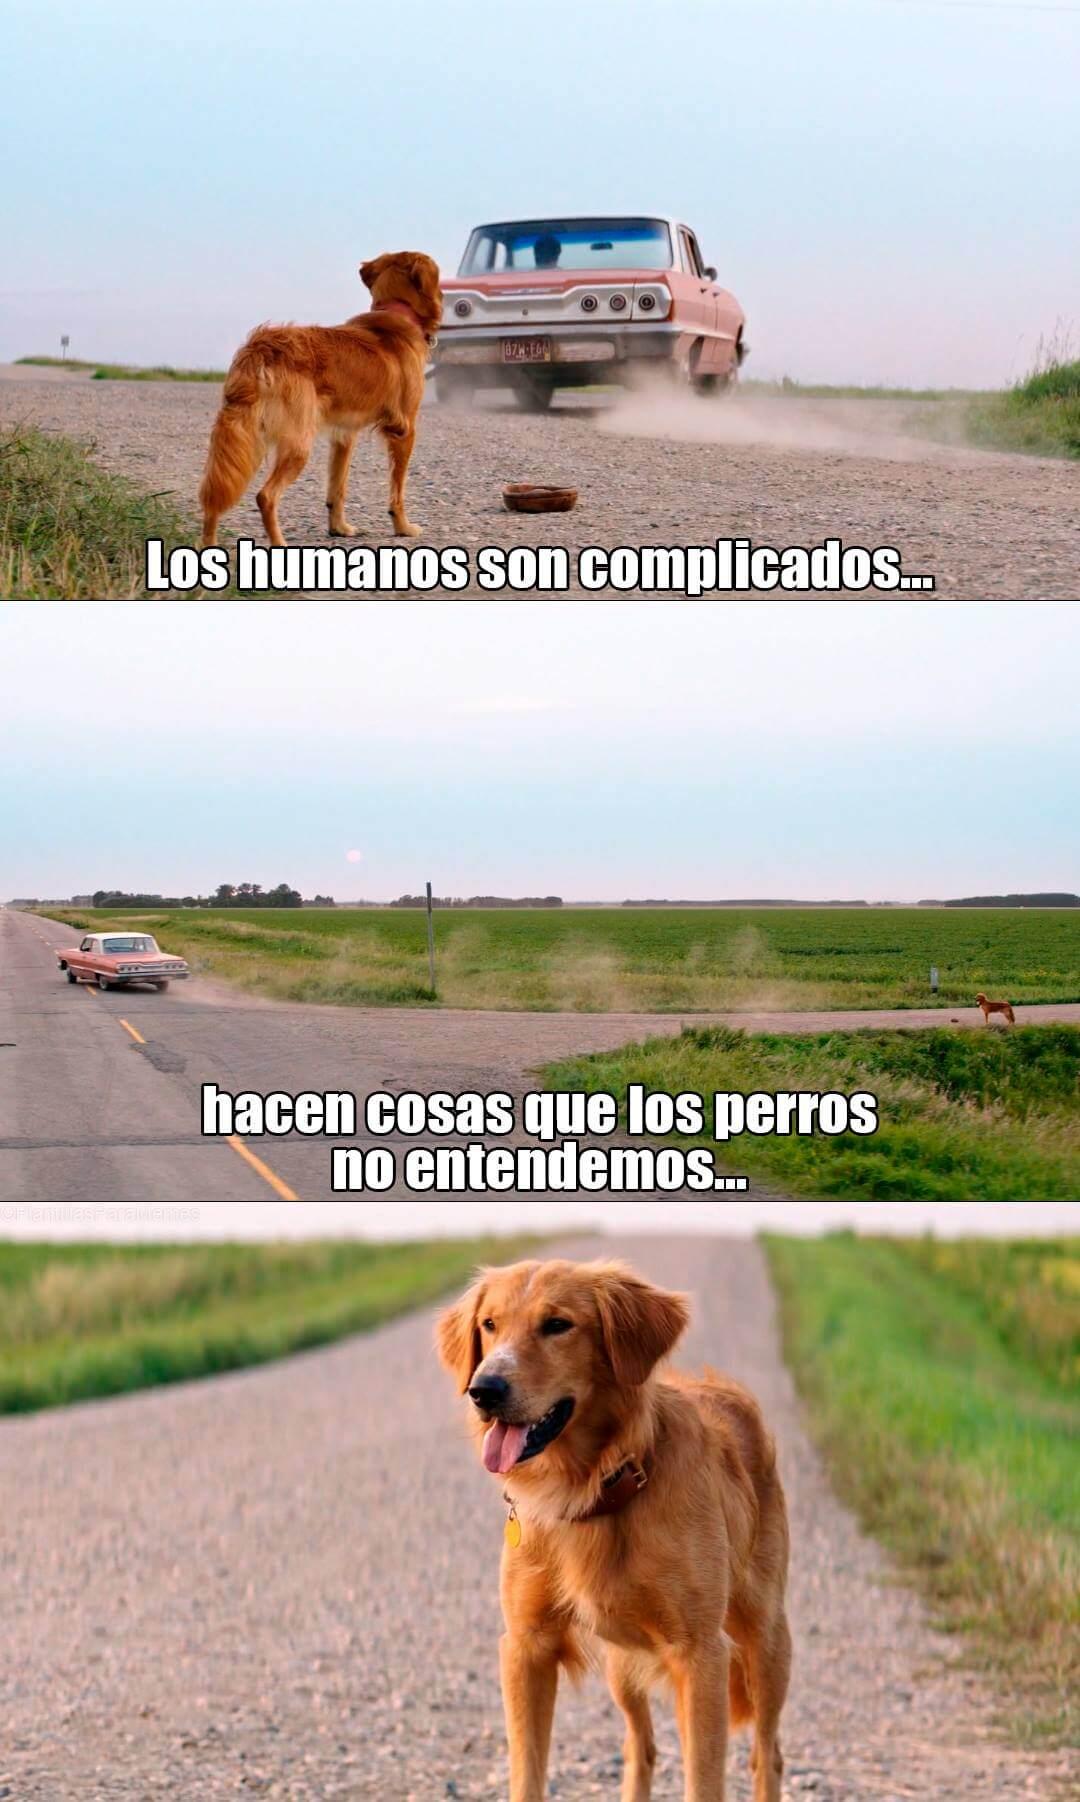 Ir a la pagina de la plantilla Los humanos son complicados... | Hacen cosas que los perros no entendemos....